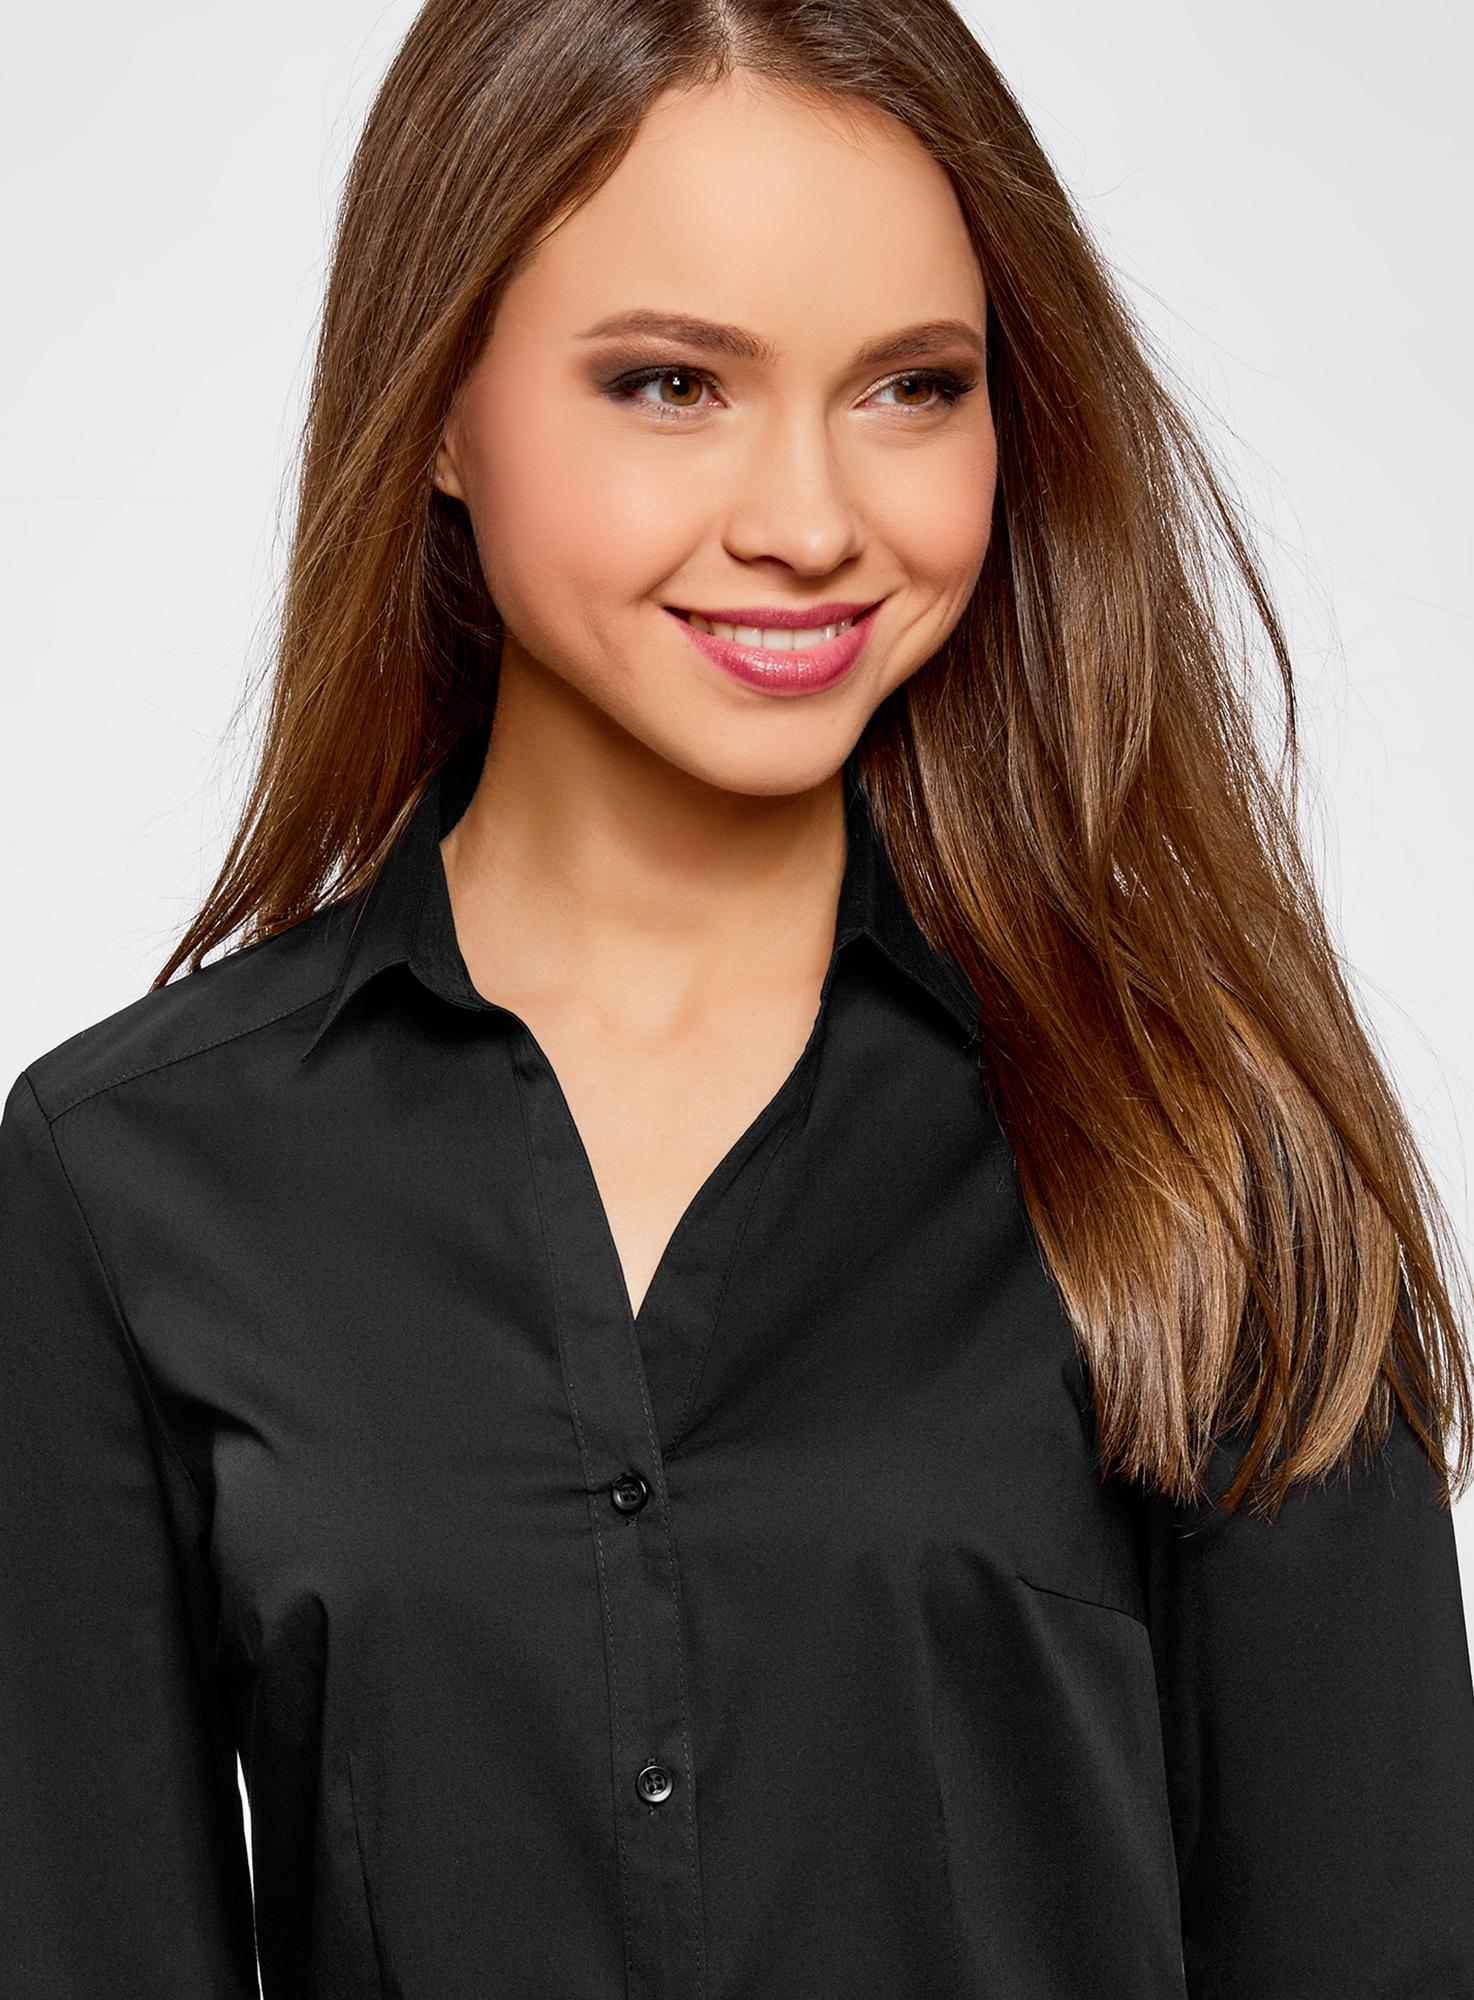 Рубашка приталенная с V-образным вырезом oodji для женщины (черный), 11402092B/42083/2900N